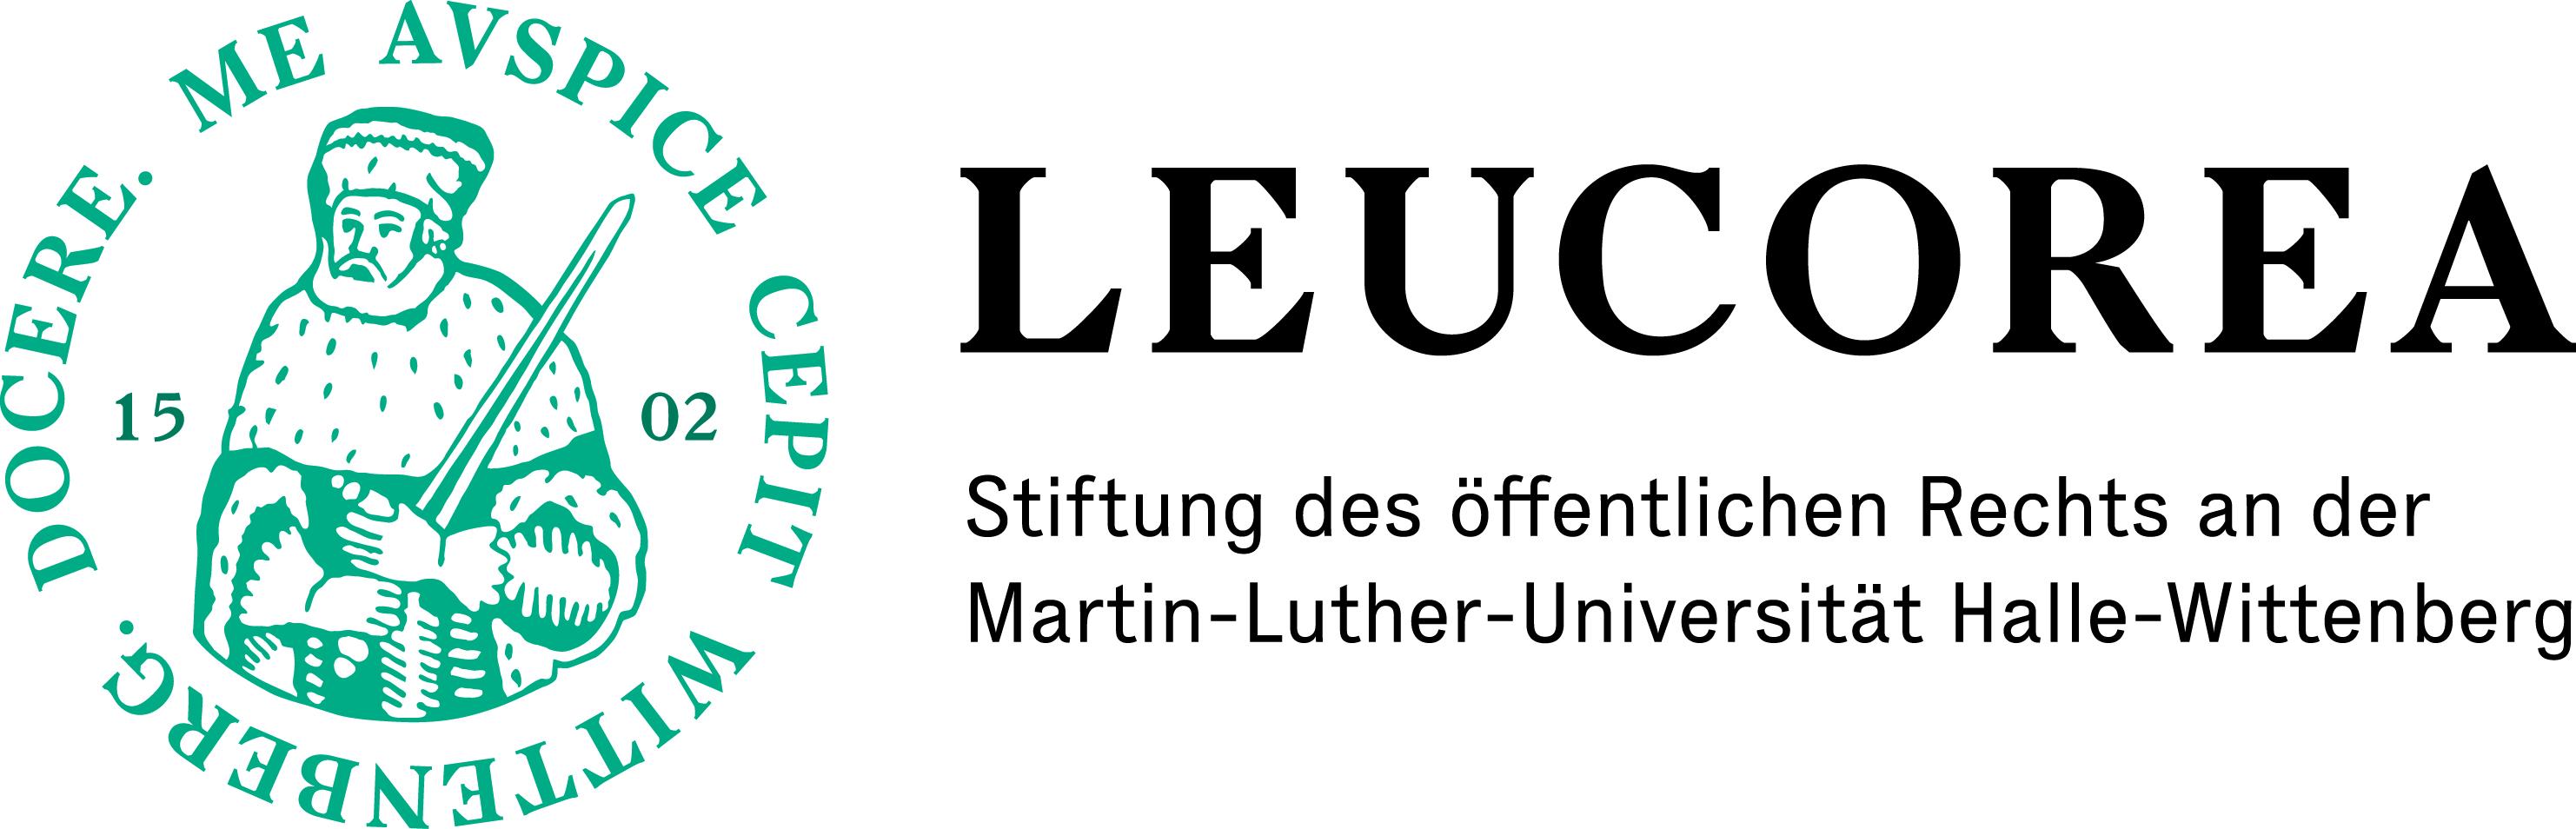 Leucorea Stiftung des öffentlichen Rechts an der Martin-Luther_Universität Halle-Wittenberg